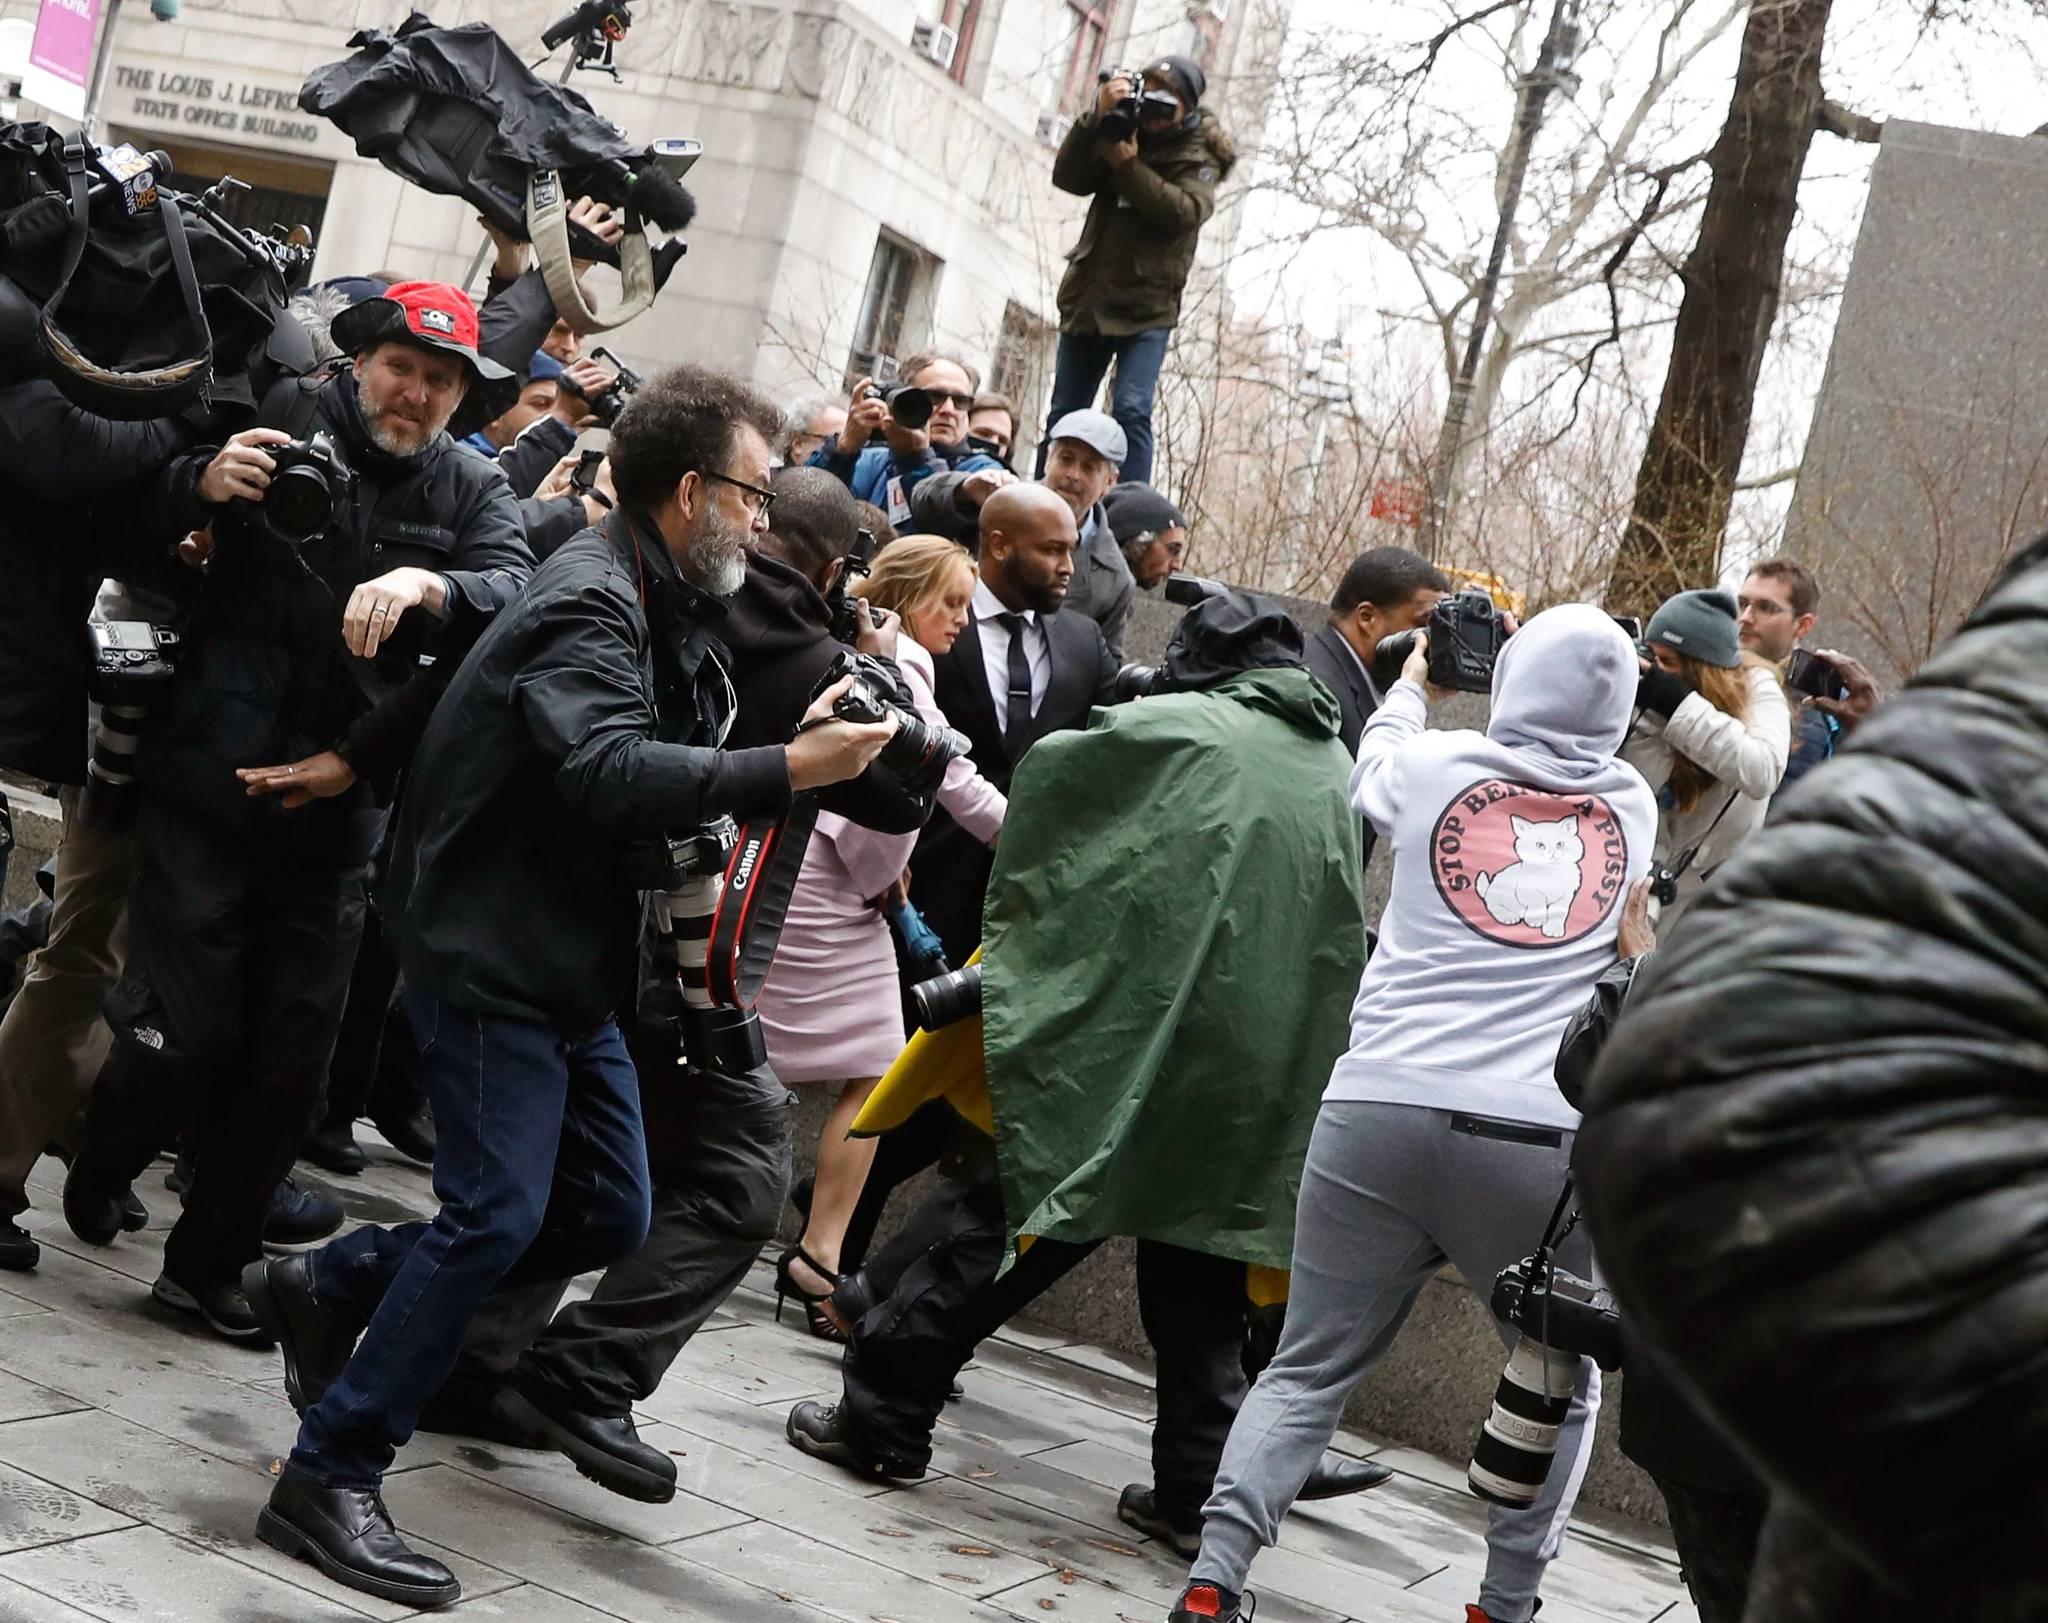 스토미 대니얼스가 16일(현지시간) 연방법원에 출석하고 있다. 그에 대한 세간의 관심을 대변하듯 이날 법원 앞은 취재진들로 붐볐다. [로이터=연합뉴스]